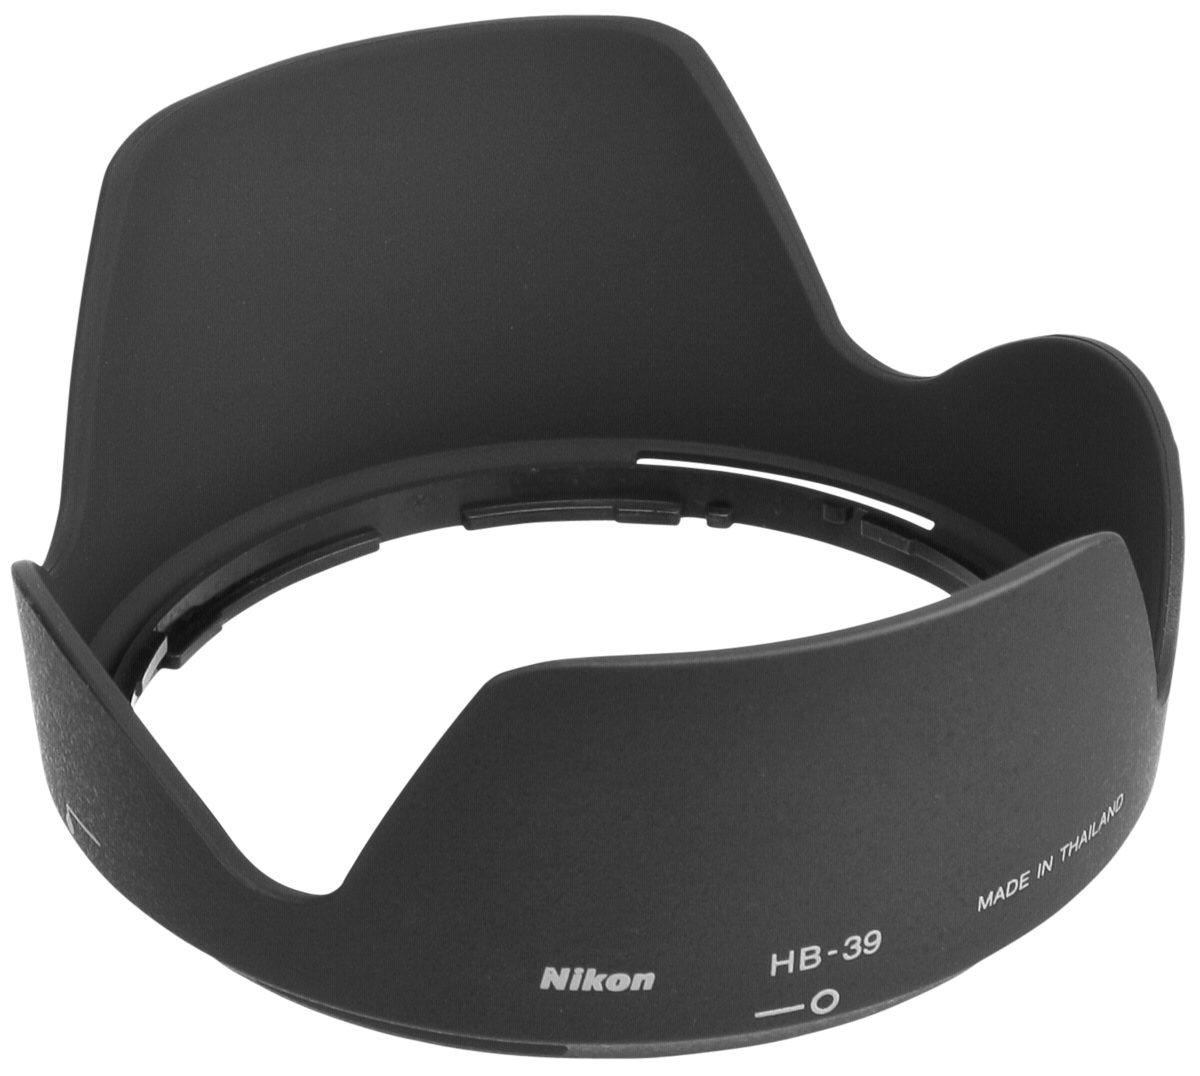 Nikon Gegenlichtblende »HB-39 Gegenlichtblende«